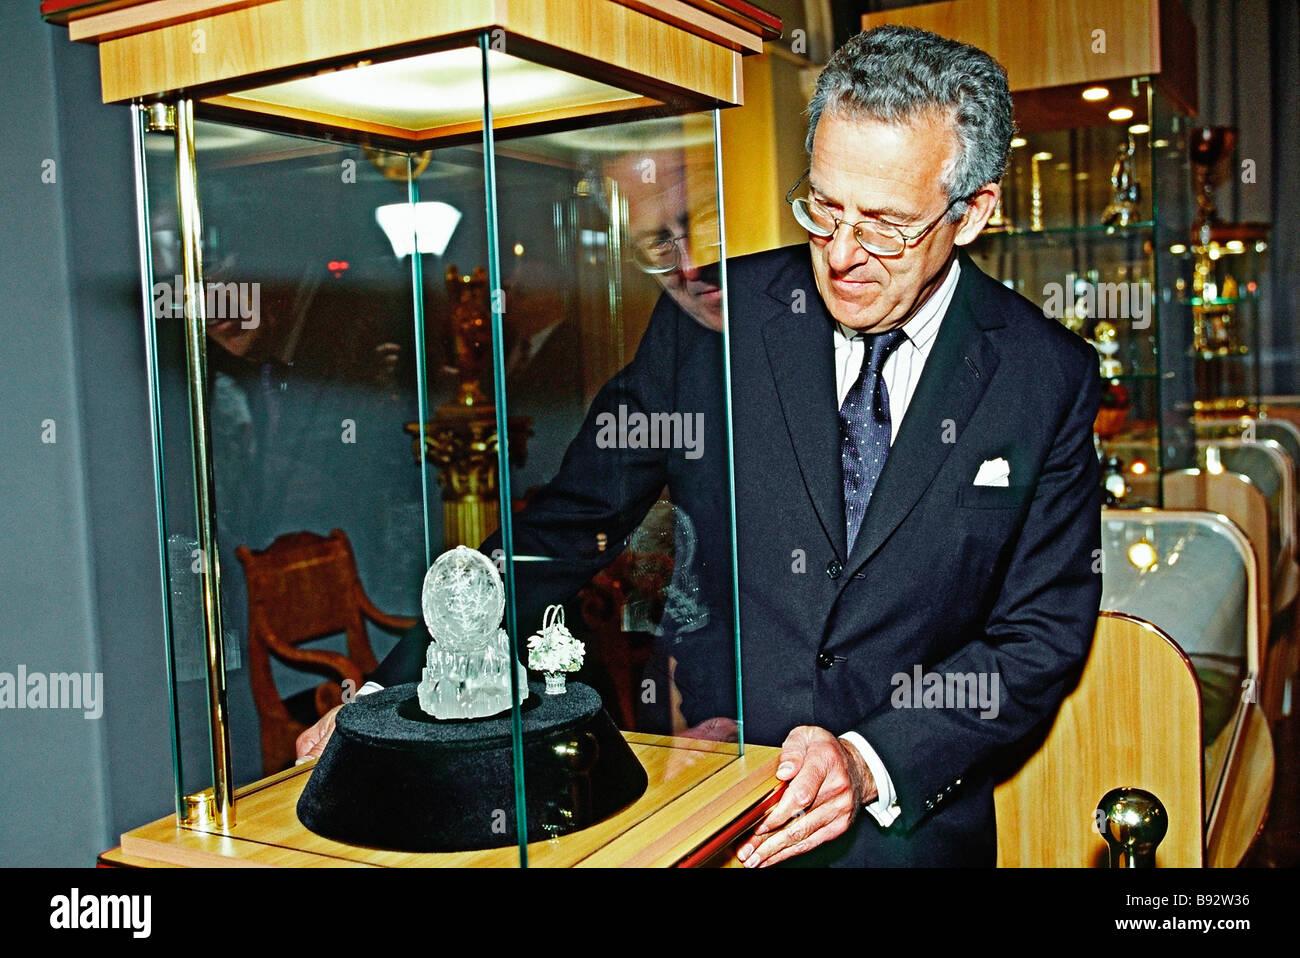 Christie s auction house presidente vicino a vetrina con le principali presentano cioè la favola invernale Immagini Stock